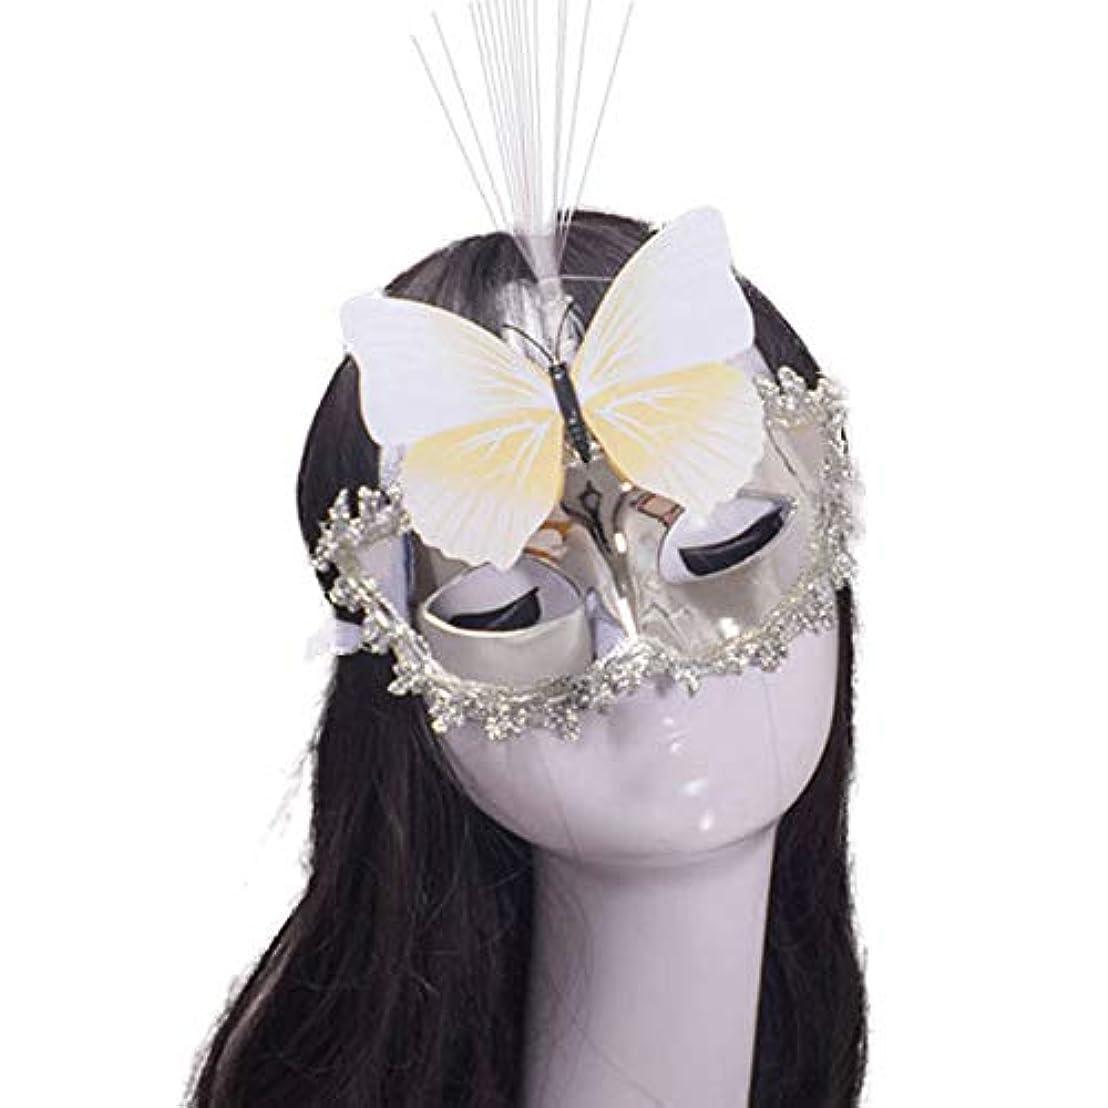 着替える手数料船Auntwhale ハロウィーンマスク大人恐怖コスチューム、蝶ファンシー仮装パーティーハロウィンマスク、フェスティバル通気性ギフトヘッドマスク - ホワイト